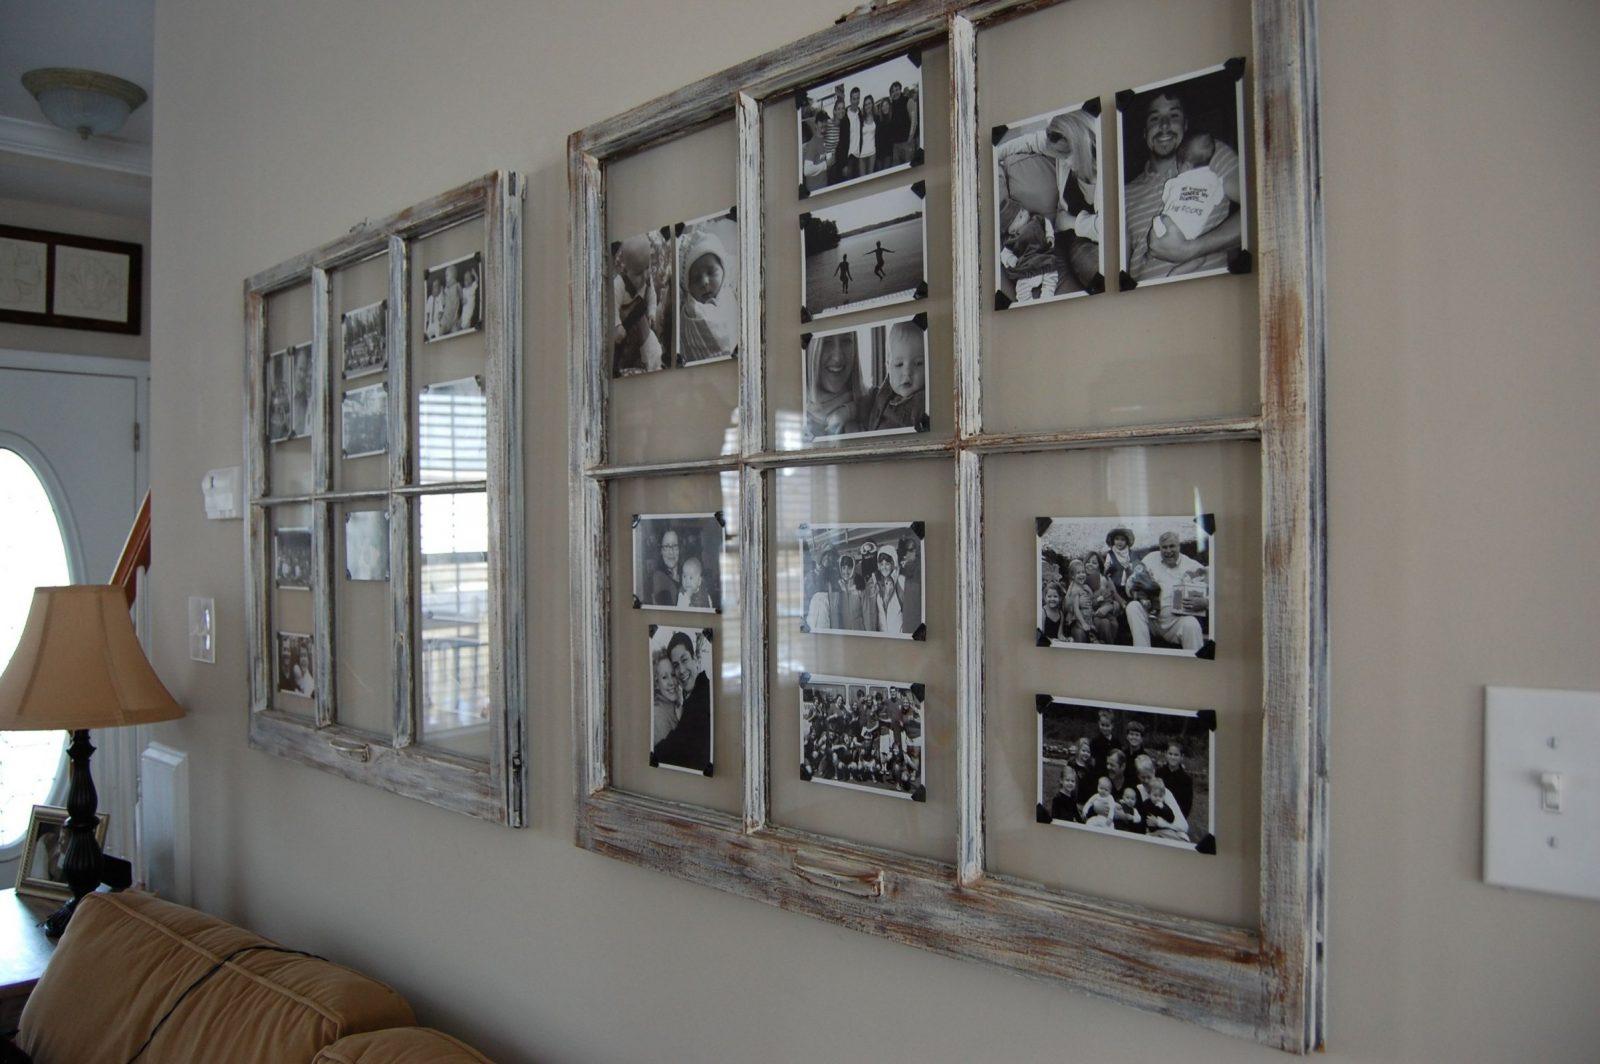 Fenster Dekorieren Ideen Tolle Zum Alte Fenster Deko Diy von Dekoration Mit Alten Fenstern Photo